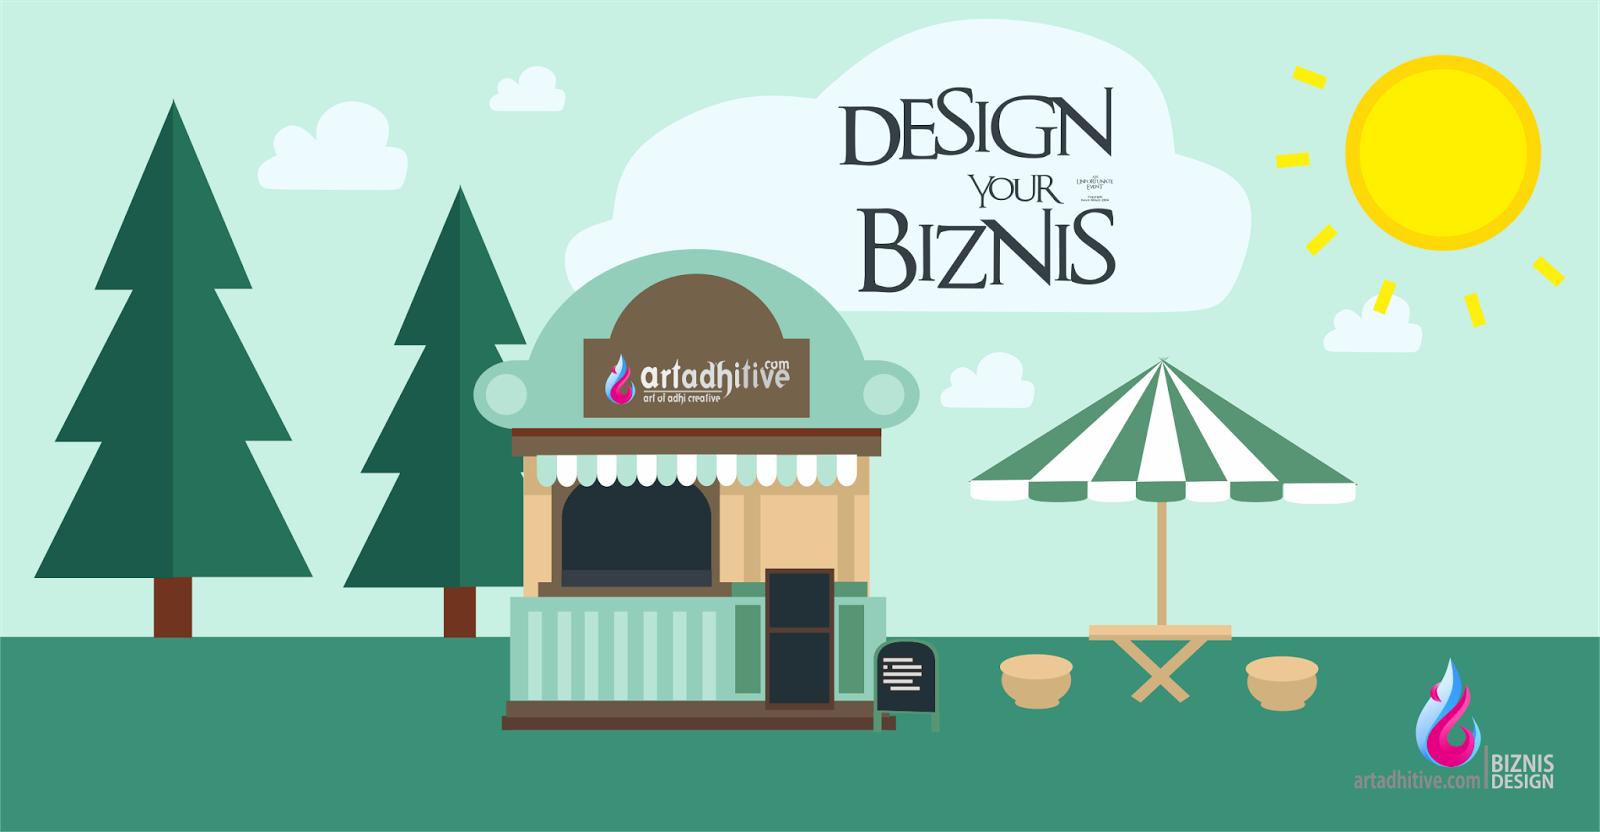 Melihat bisnis dari sudut pandang design